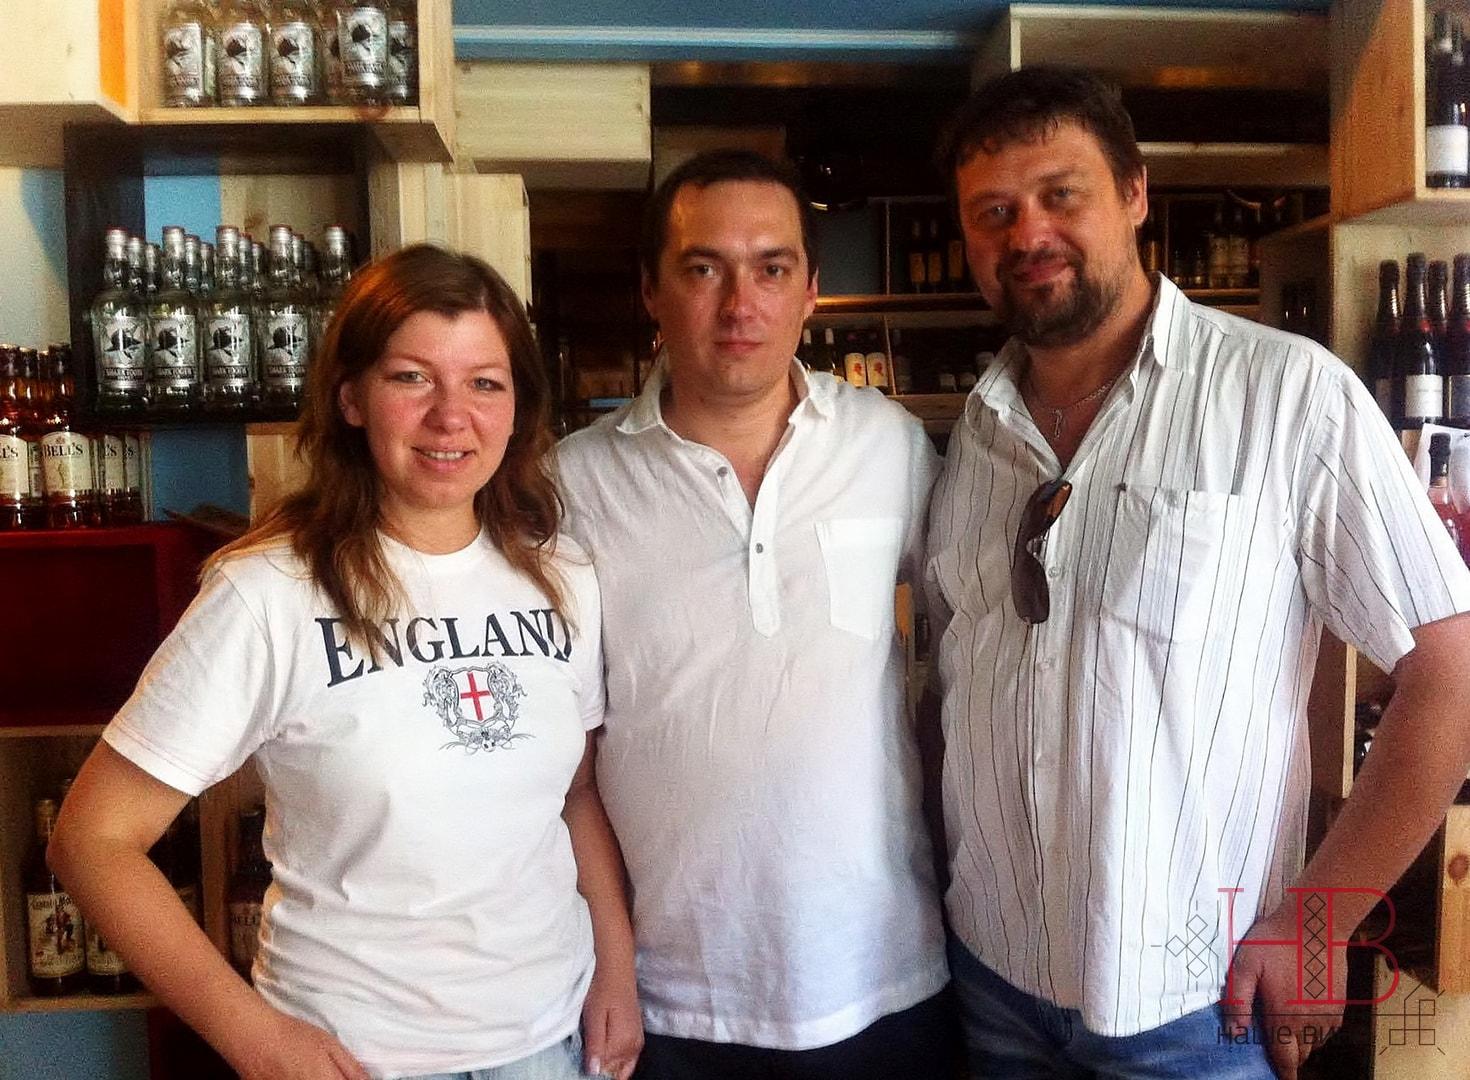 Татьяна Пахмутова, Дмитрий Ковалев и Ян Кауров. Винодельня Ведерников, август 2012